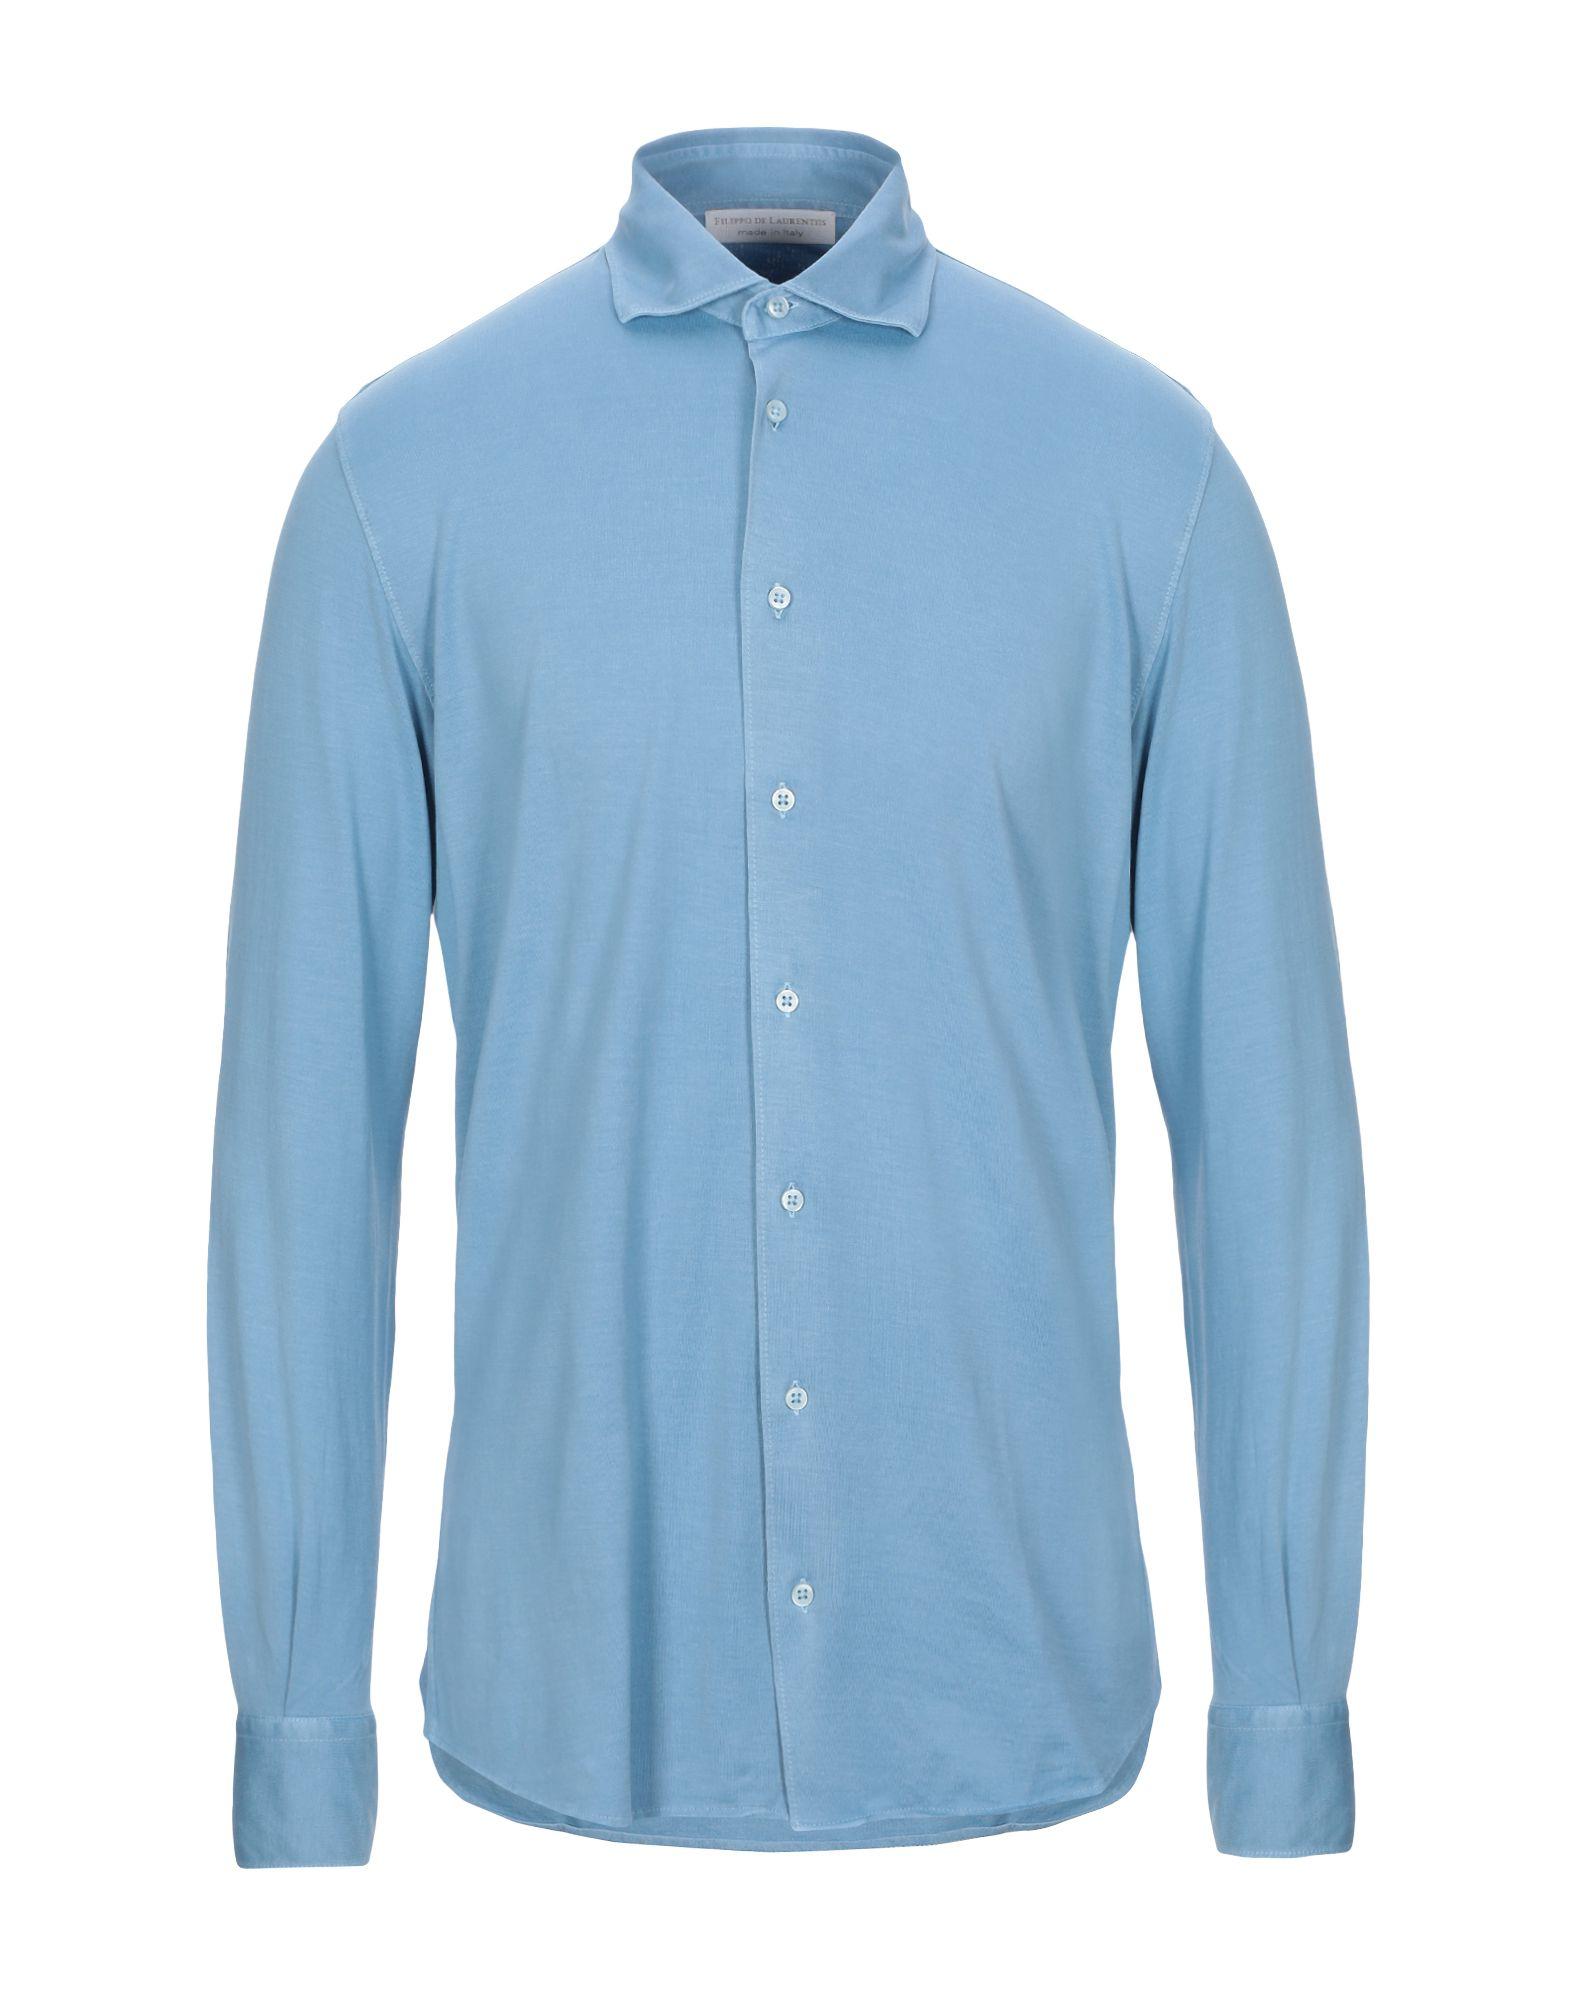 《セール開催中》FILIPPO DE LAURENTIIS メンズ シャツ パステルブルー 56 コットン 100%